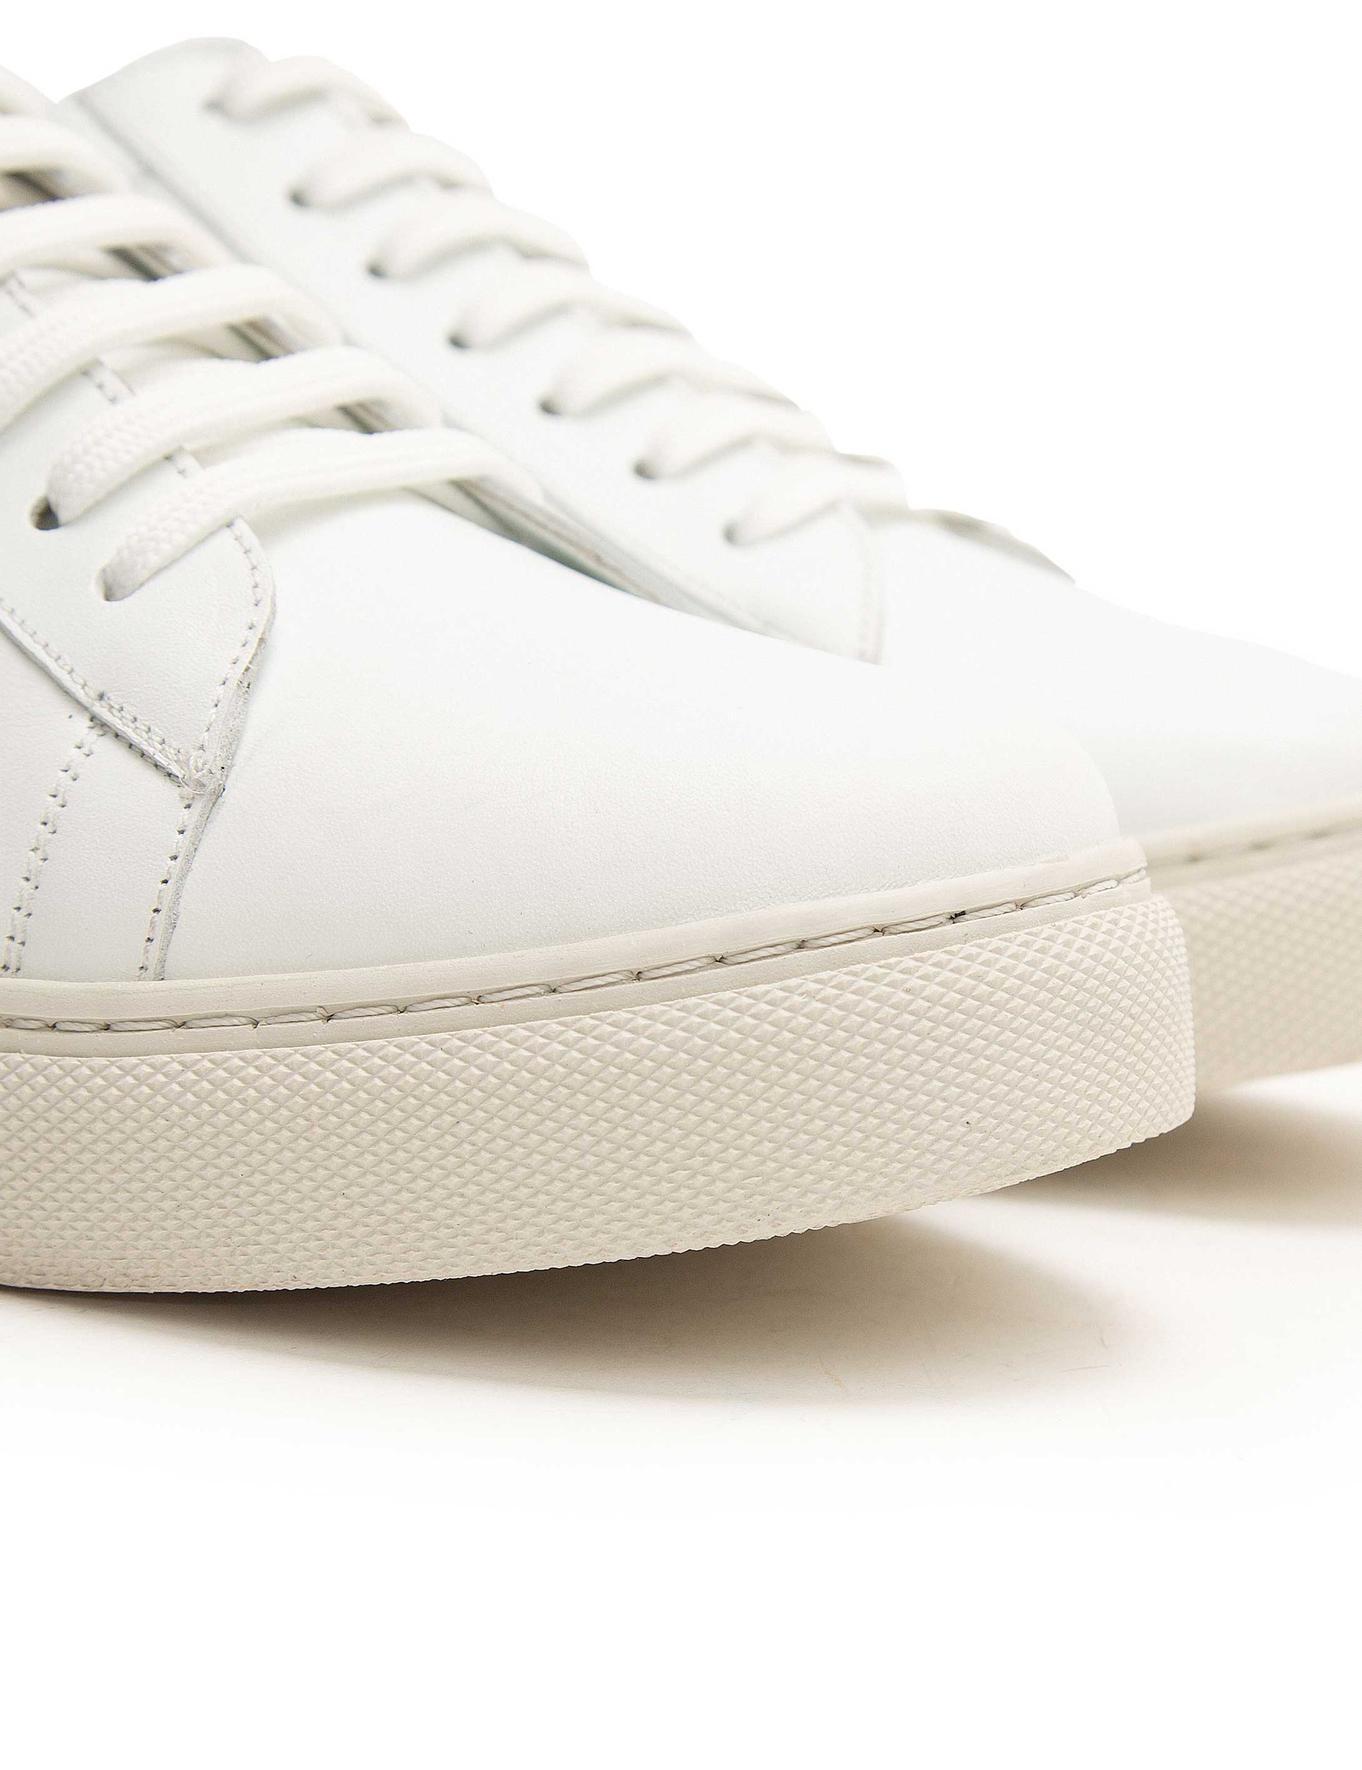 Beyaz Sneakers Ayakkabı - 30032447017